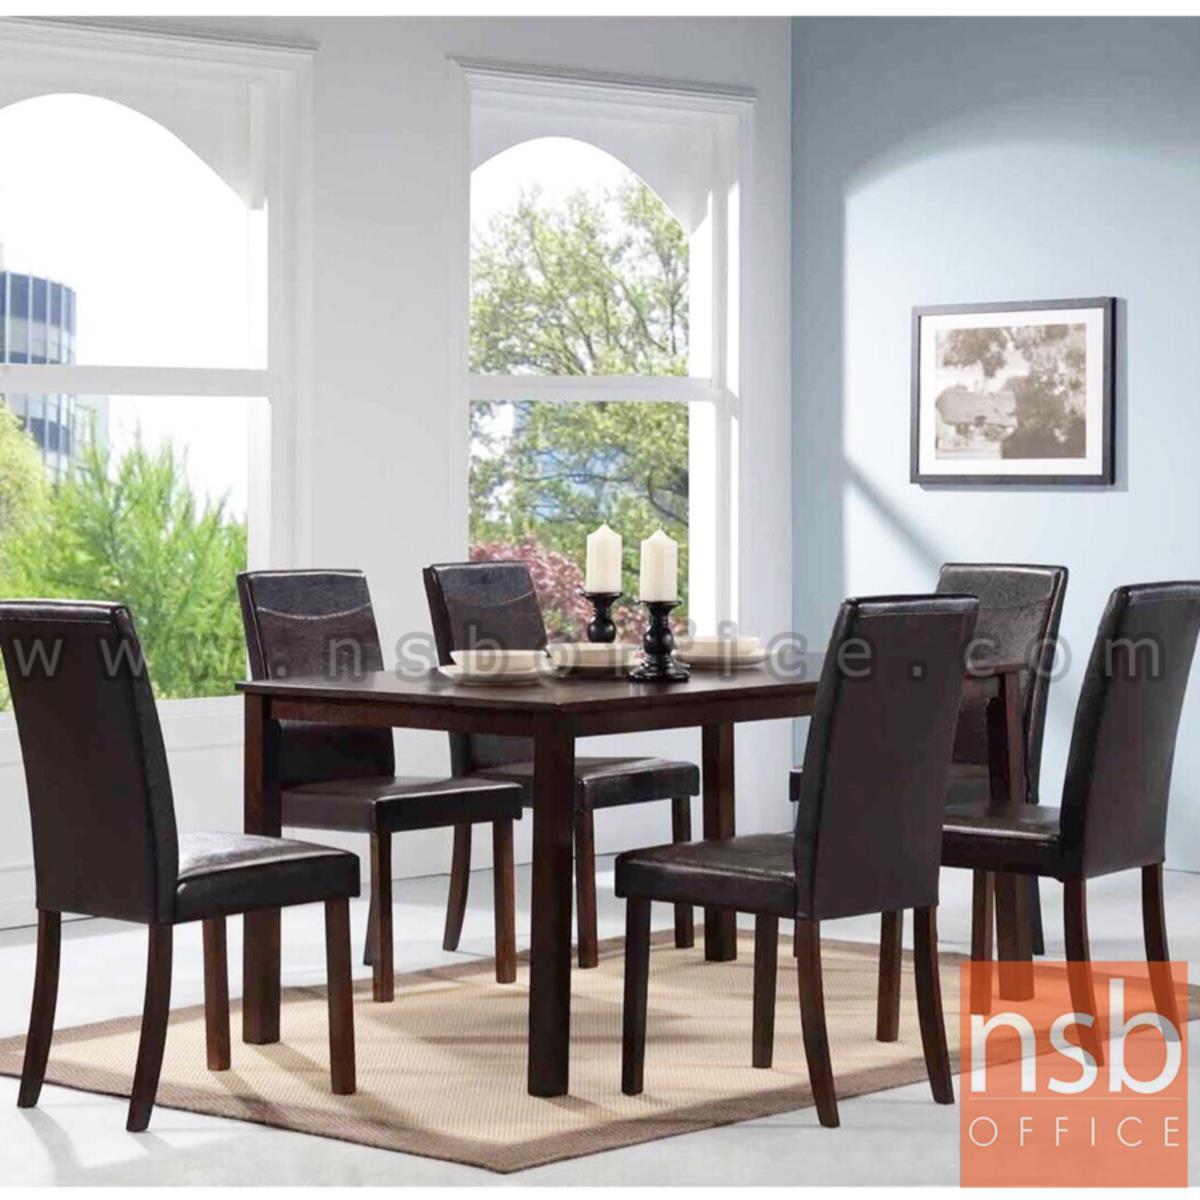 G14A133:ชุดโต๊ะรับประทานอาหารหน้าไม้ยางพารา 6 ที่นั่ง   พร้อมเก้าอี้